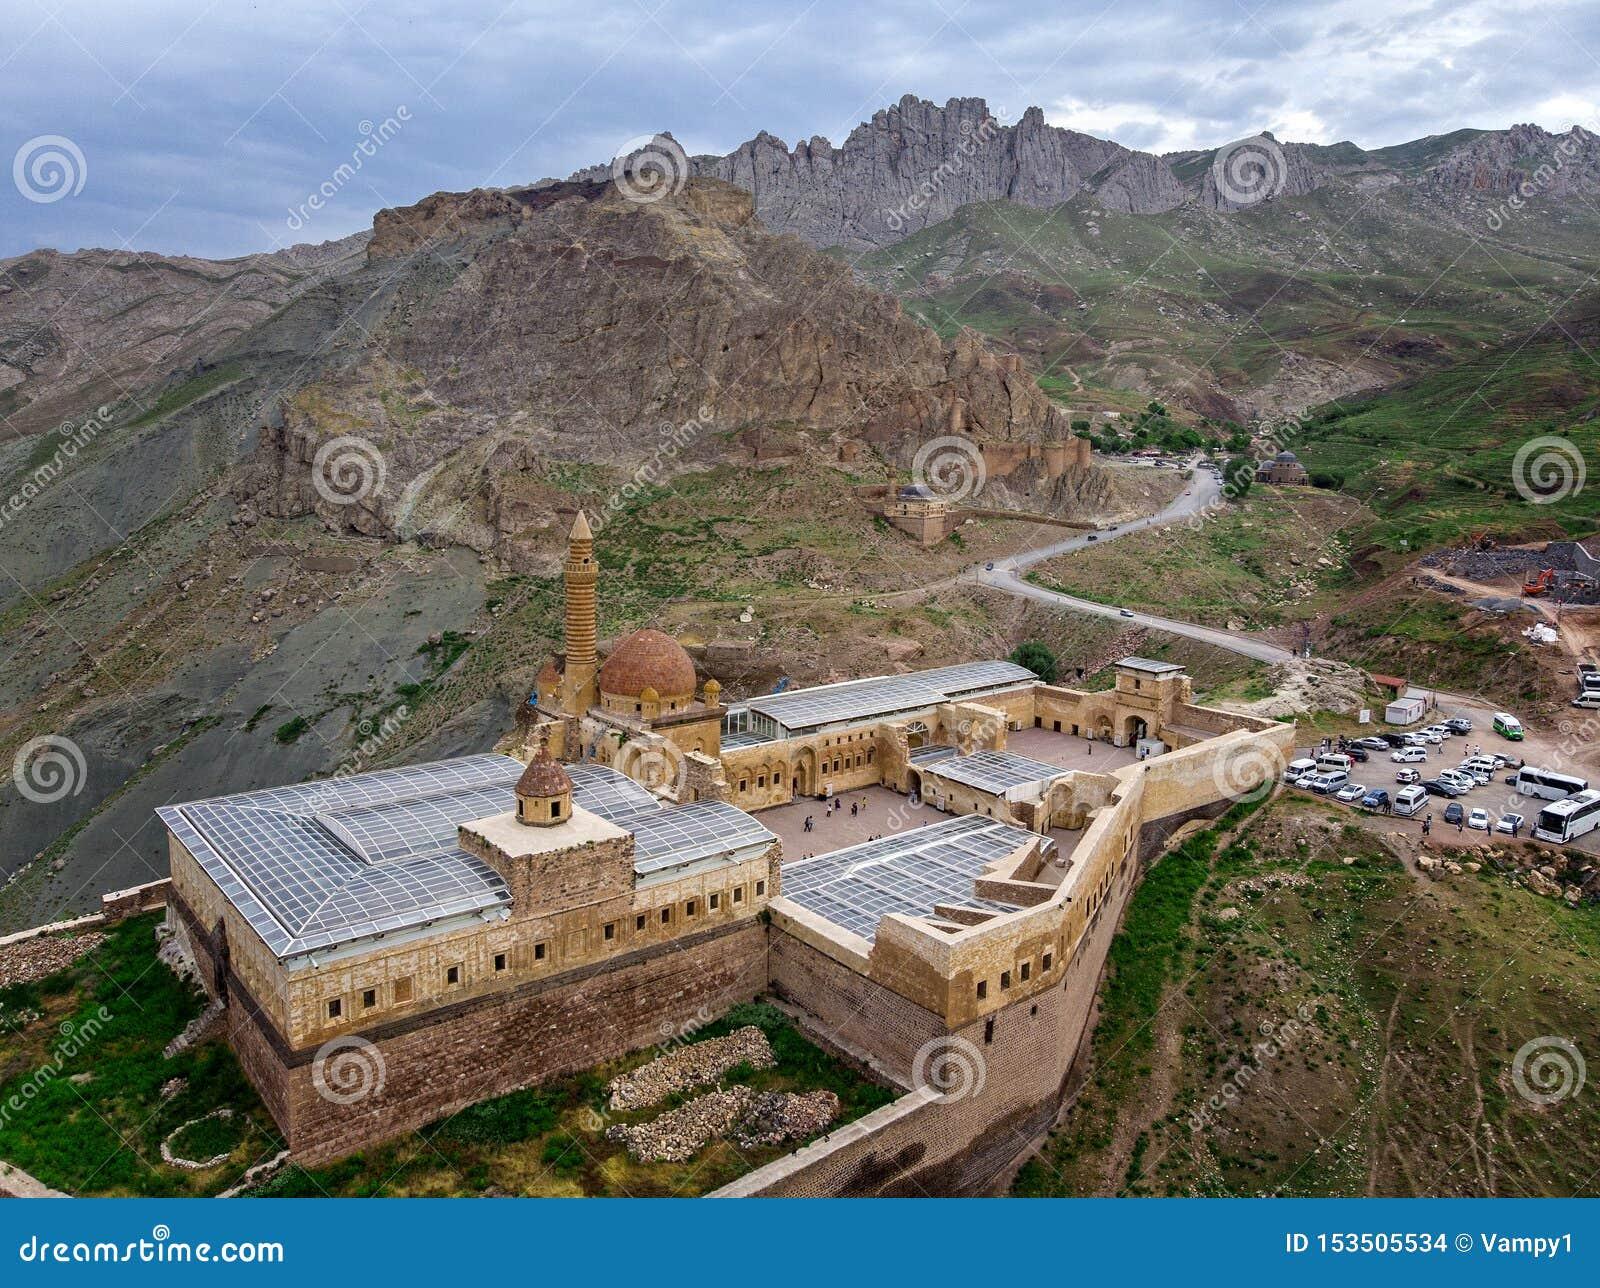 Vogelperspektive von Ishak Pasha Palace ist ein halb-ruinierter Palast und ein Verwaltungskomplex, die im Dogubeyazit, Agri geleg